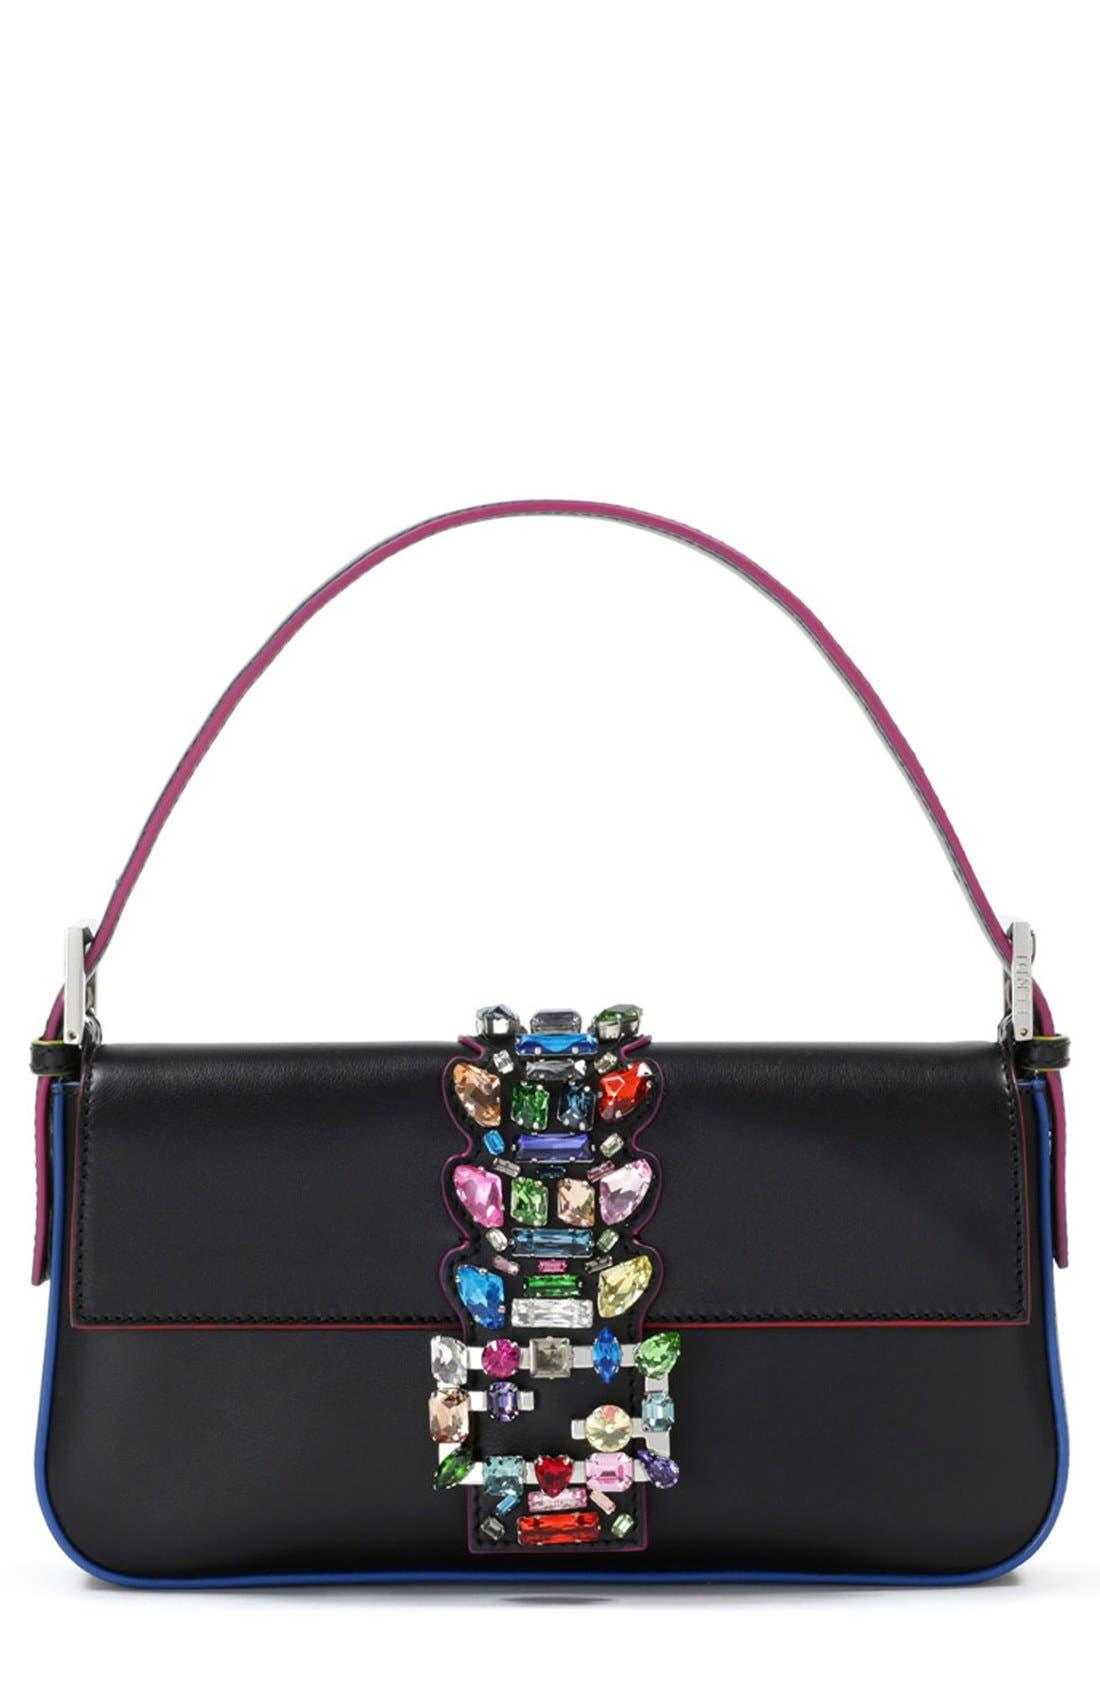 Alternate Image 1 Selected - Fendi Crystal Embellished Leather Baguette